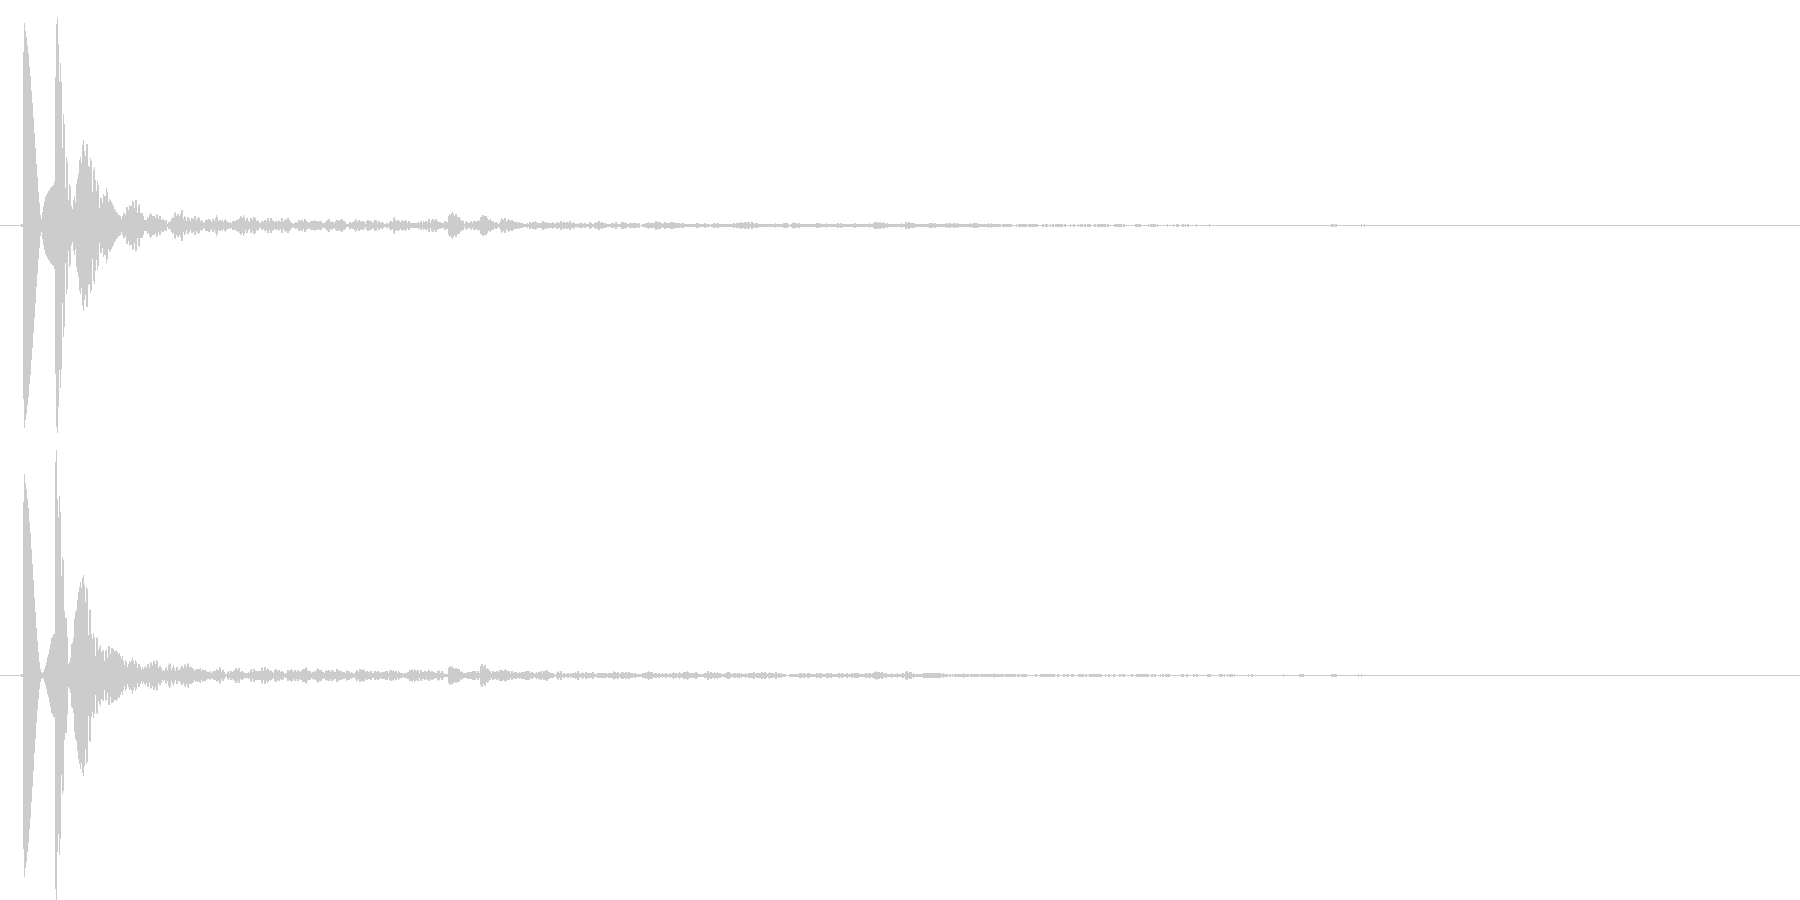 ソナーのような短信音のキャンセル音2の未再生の波形